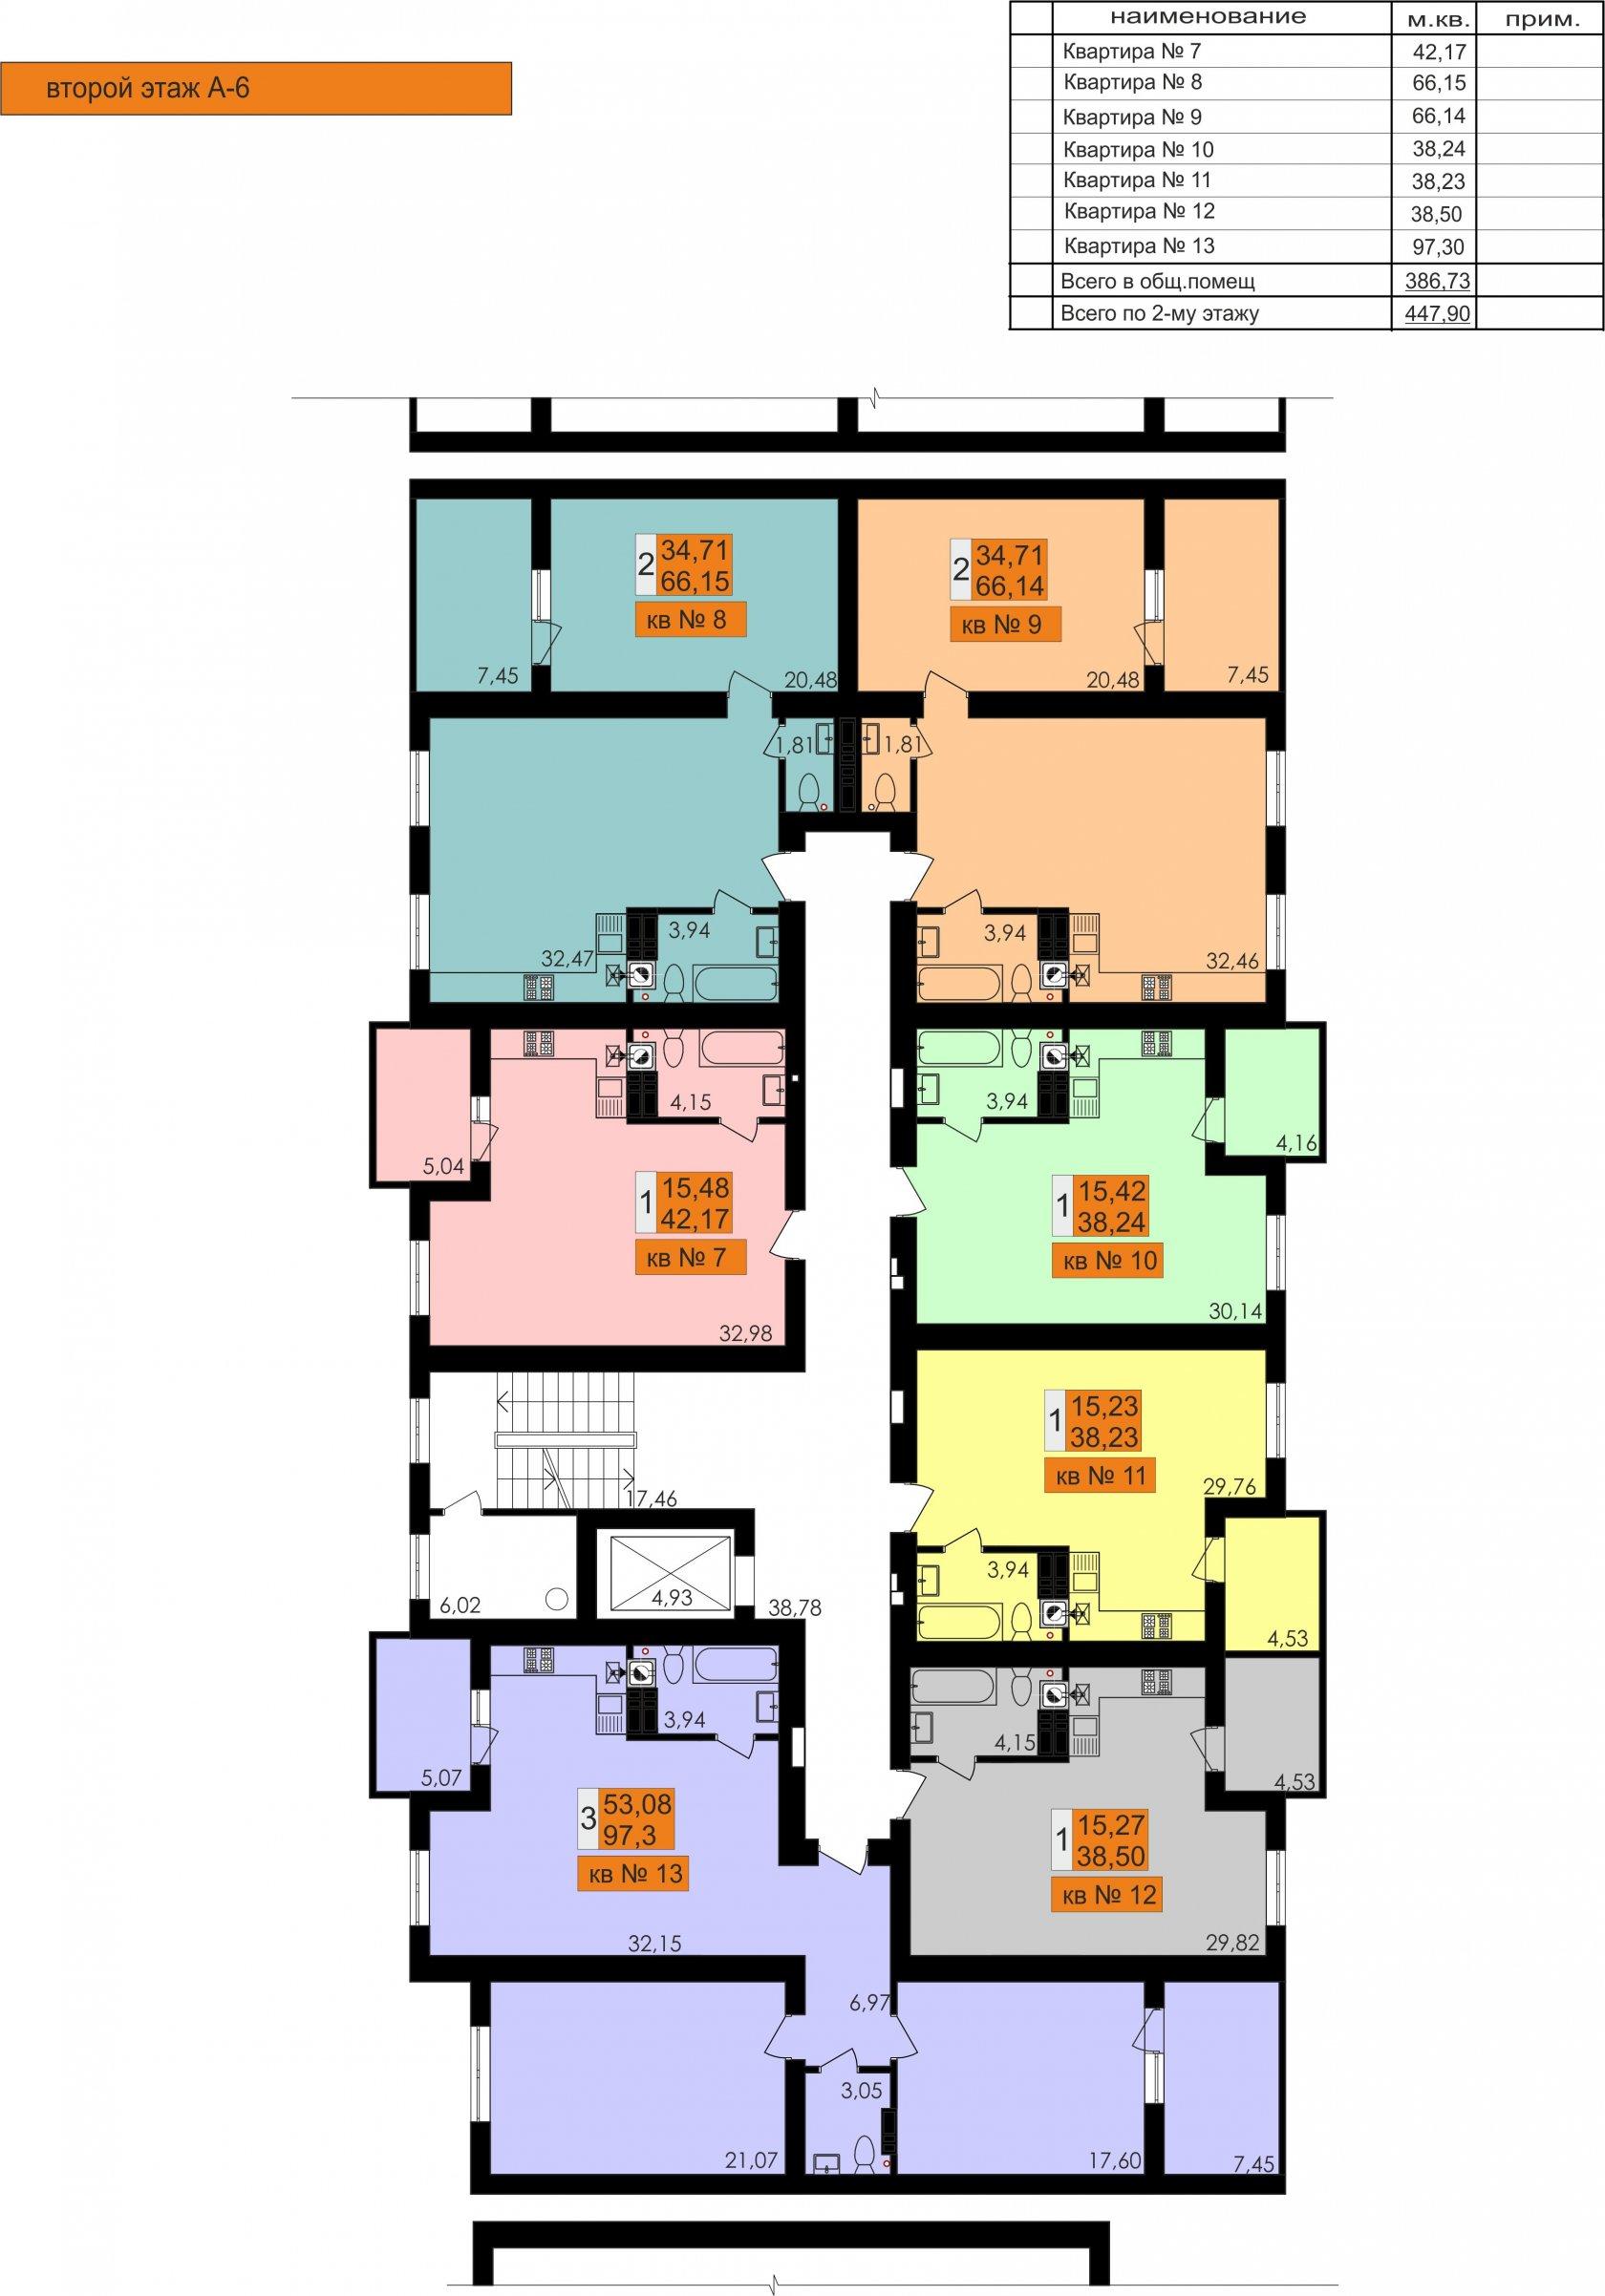 ЖК Ривьера Сити Секция А6 типовой этаж